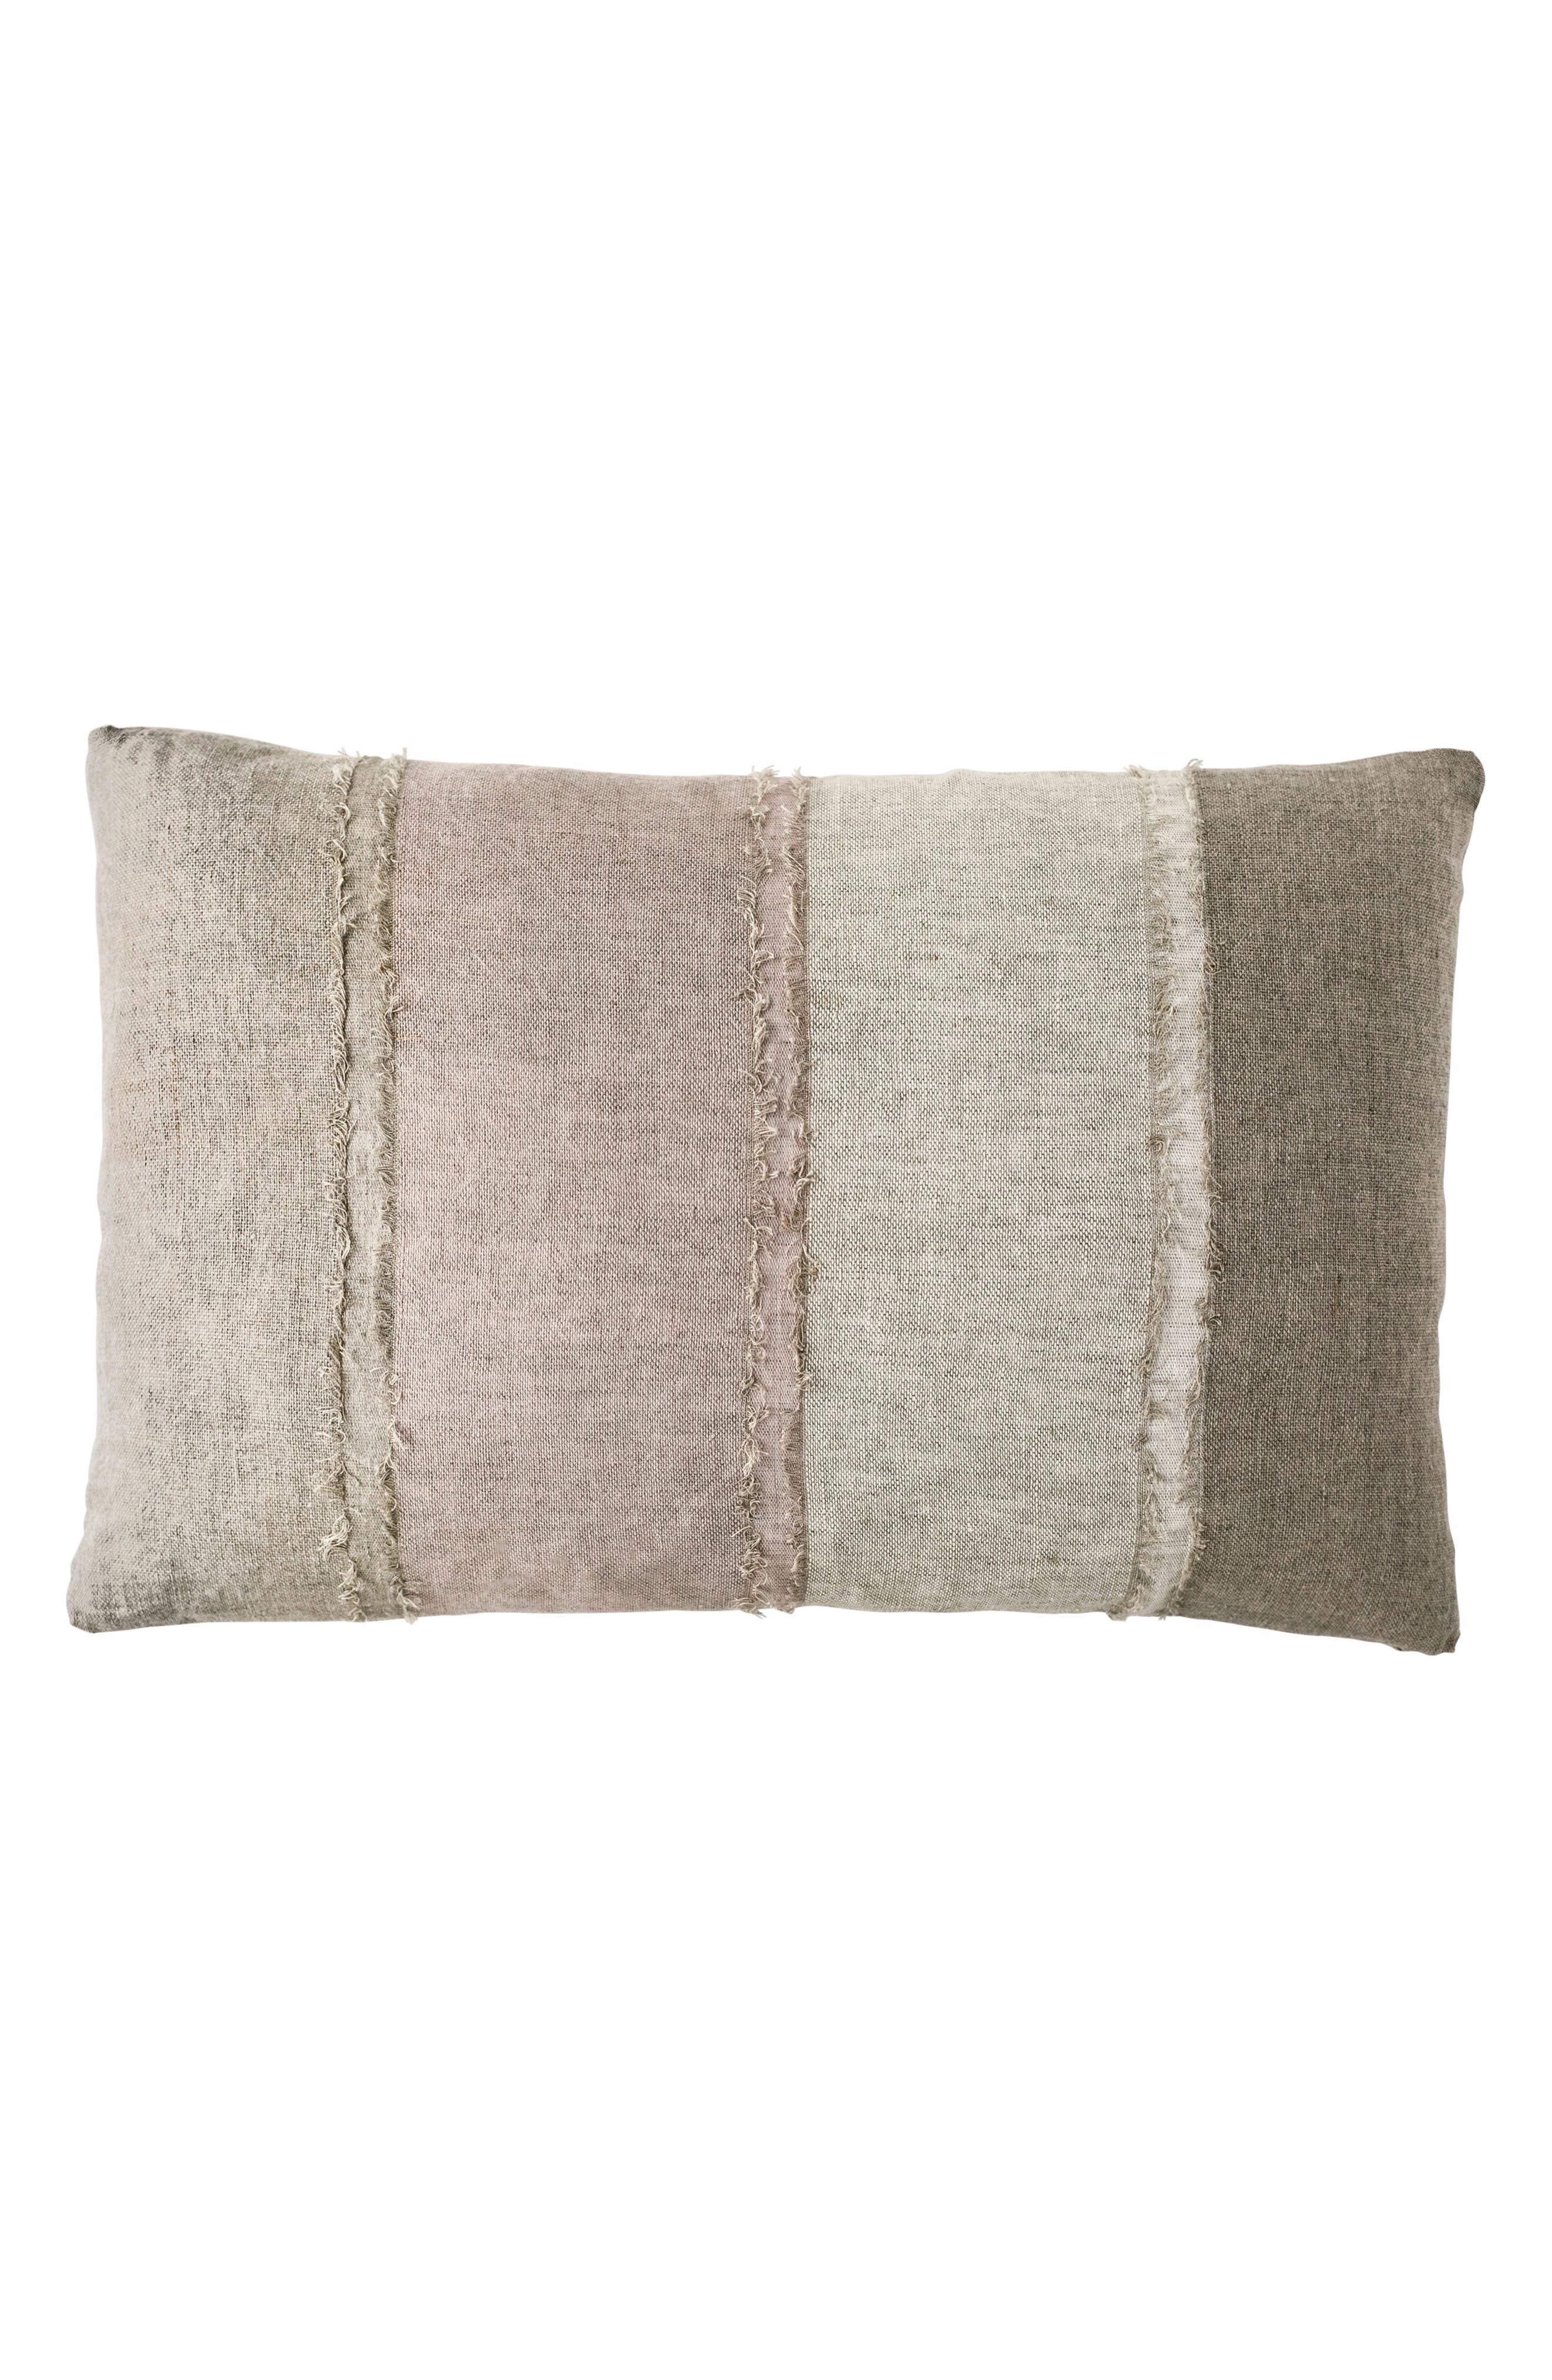 EADIE LIFESTYLE European Linen Paneled Accent Pillow, Main, color, SEA MIST MULTI